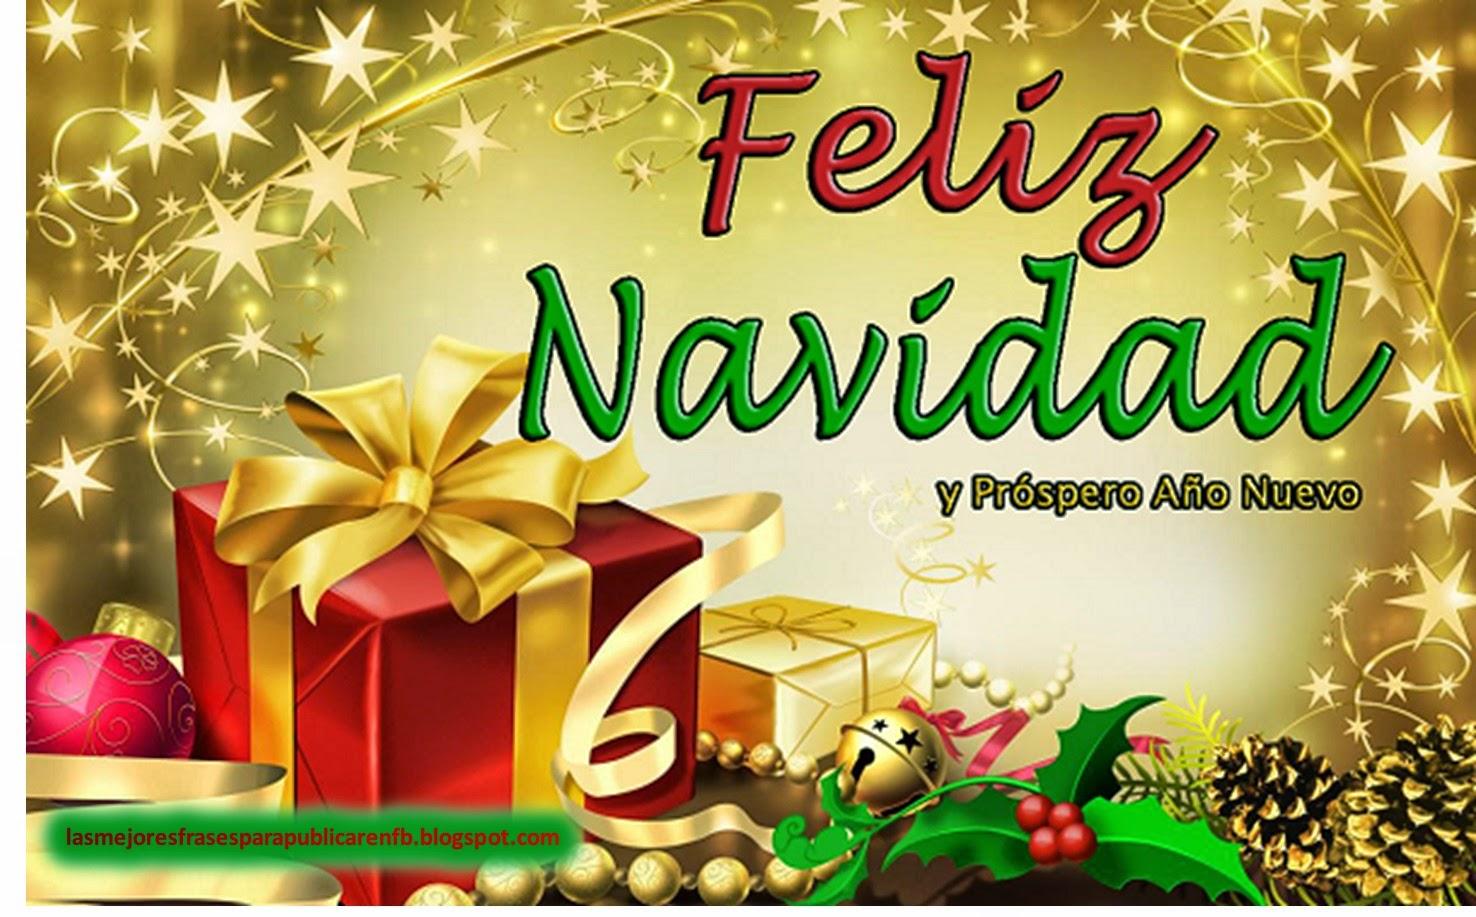 Frases De Navidad Y Año Nuevo: Feliz Navidad Y Próspero Año Nuevo